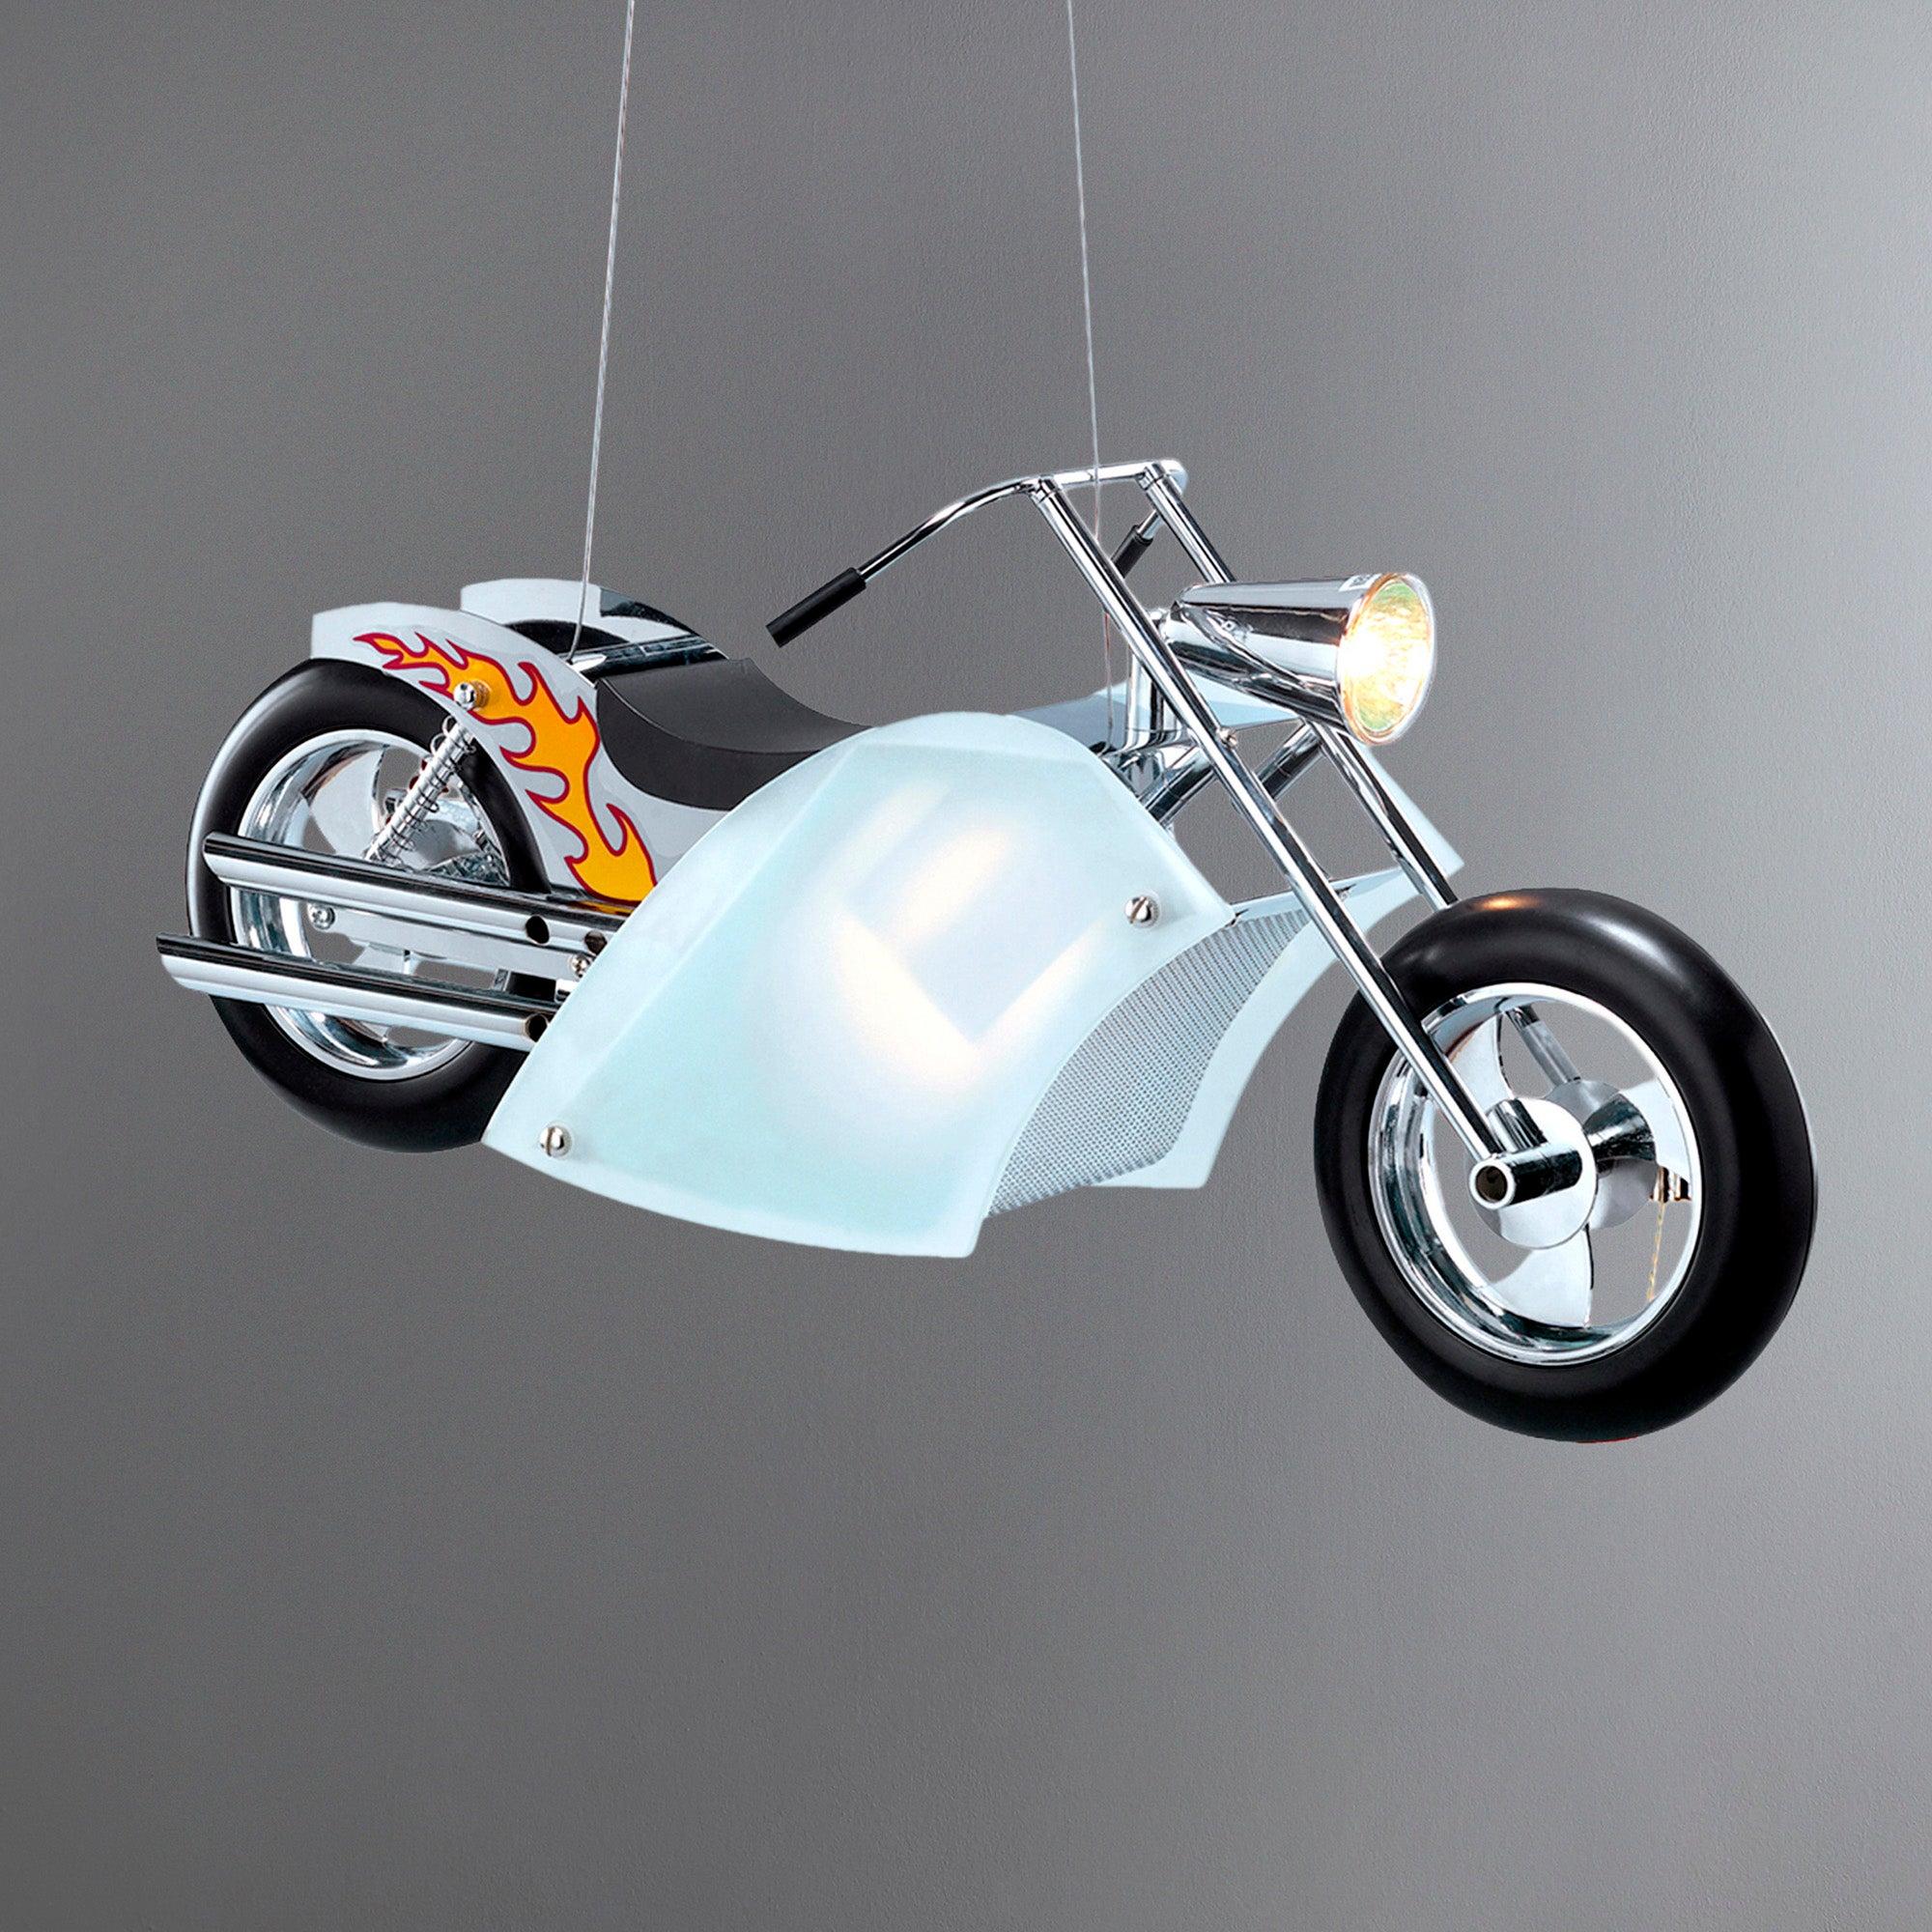 Motorbike Light Ceiling Fitting